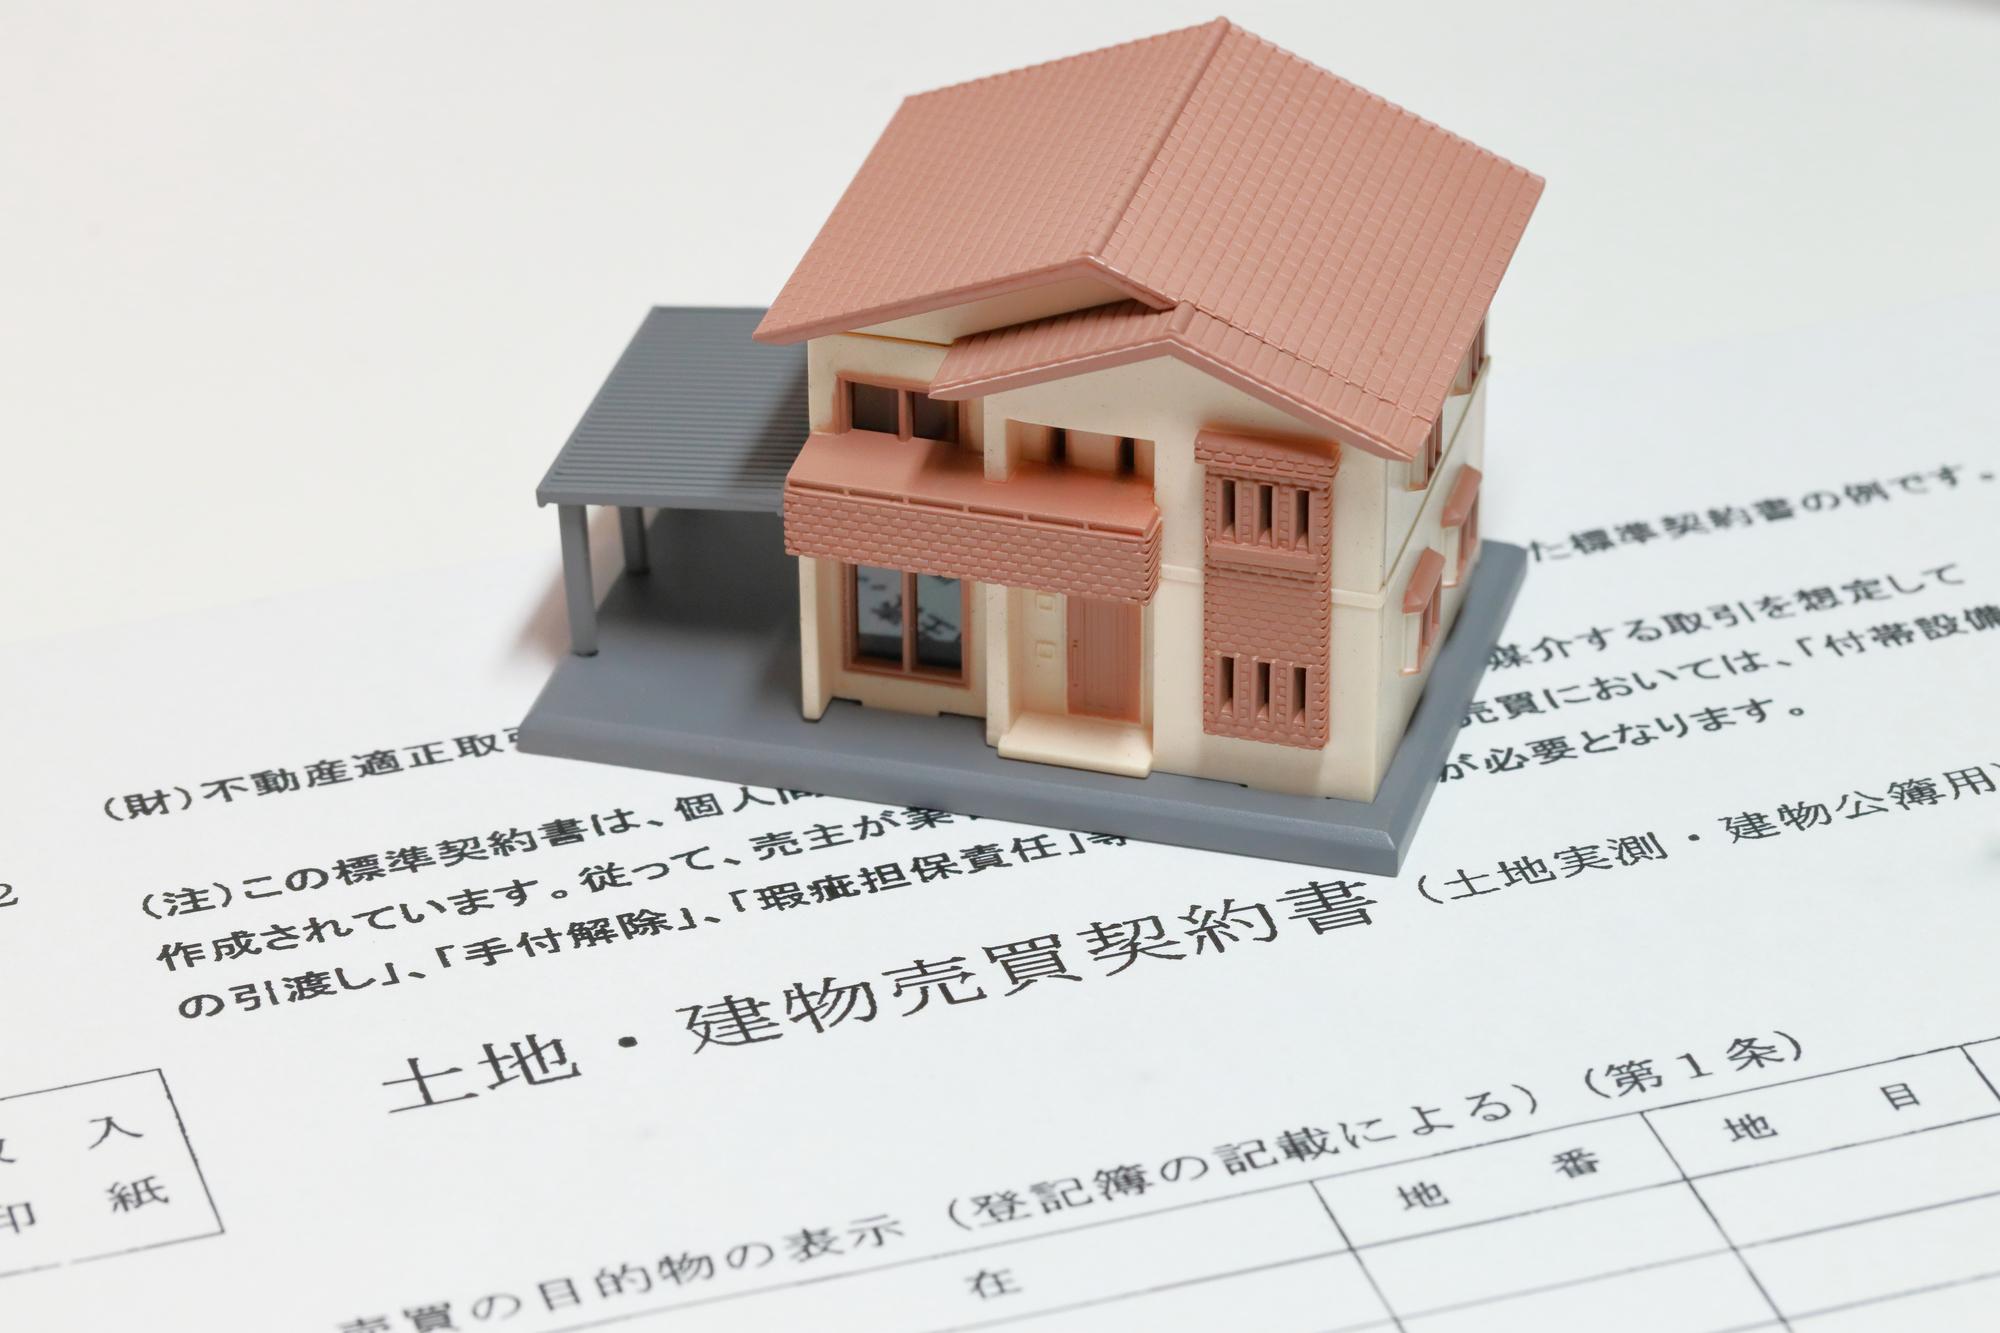 土地・建物売買契約書